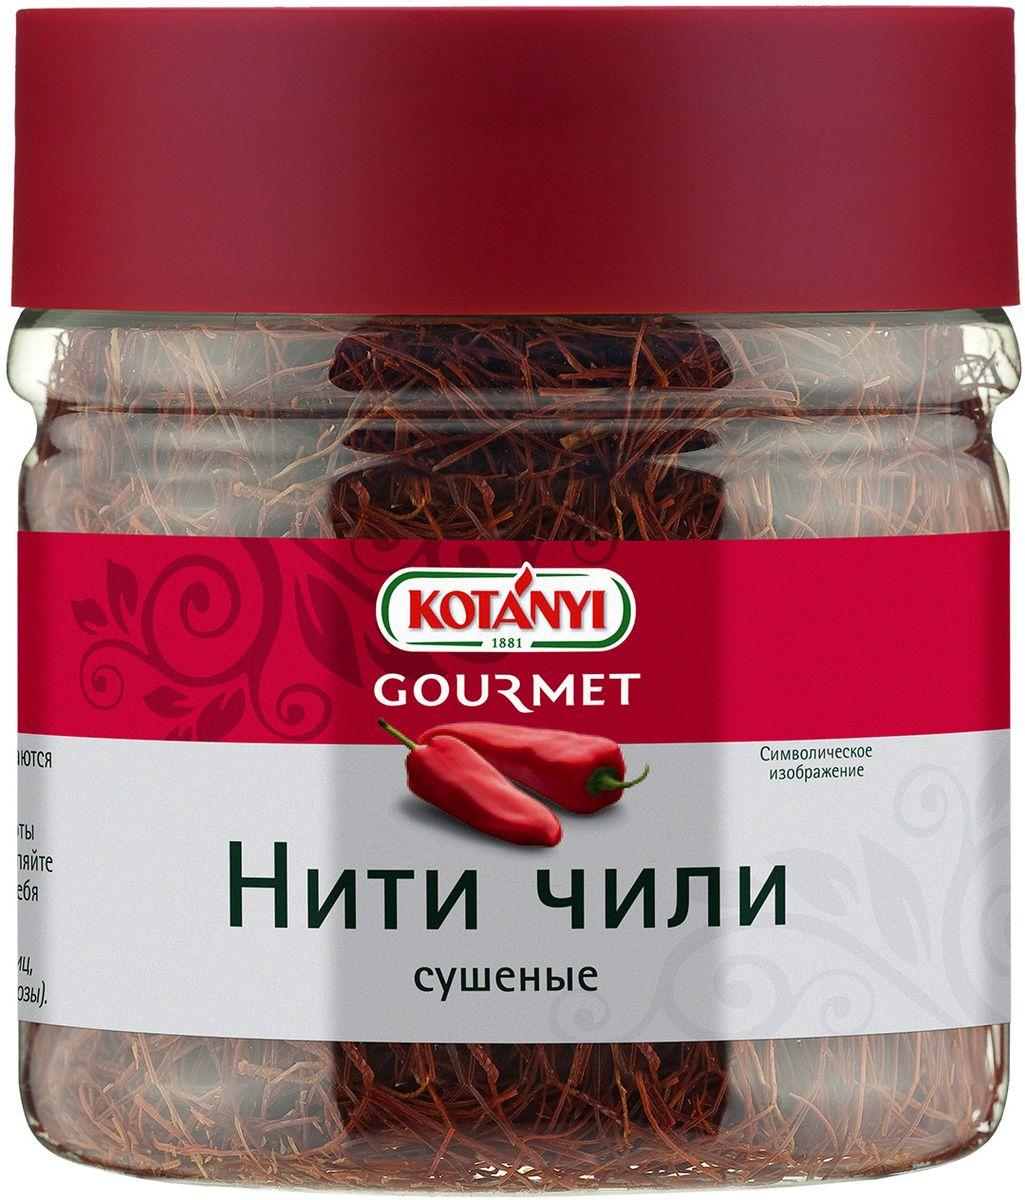 Kotanyi Нити чили сушеные, 45 г734111Нити чили сушеные Kotanyi отличаются умеренно острым вкусом. Подходят для придания приятной легкой остроты всем блюдам, а также для украшения блюд. Добавляйте нити чили в начале готовки, чтобы они впитали в себя жидкость.